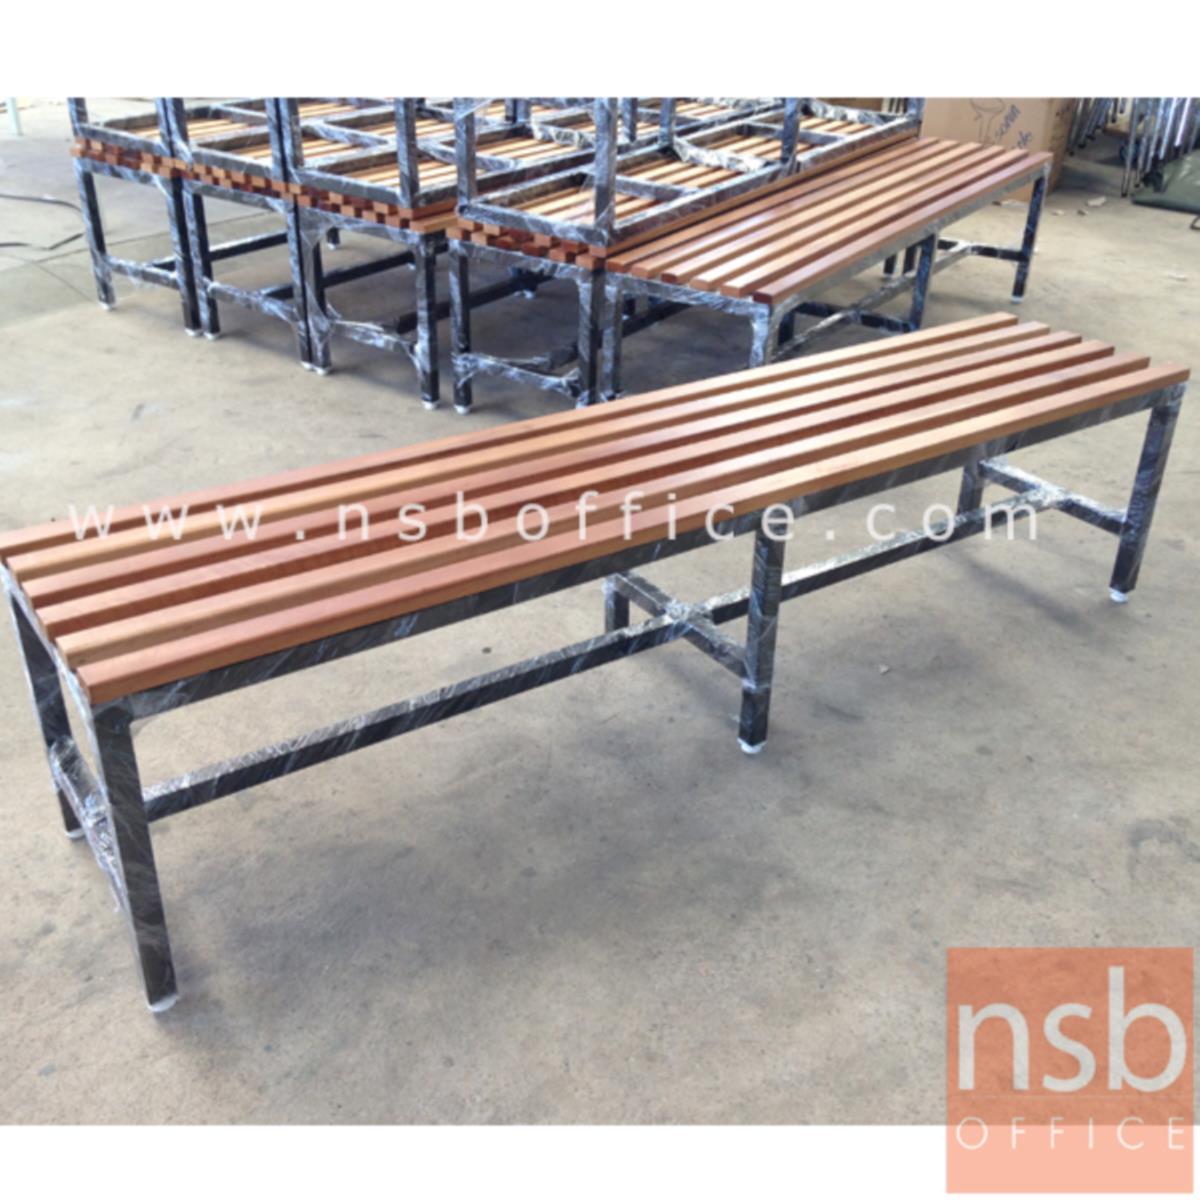 G14A129:ม้านั่งโรงอาหาร ไม้ยางพาราทำสีสัก ตีระแนง  (ลึก 30D cm) ขาเหล็กสีดำ